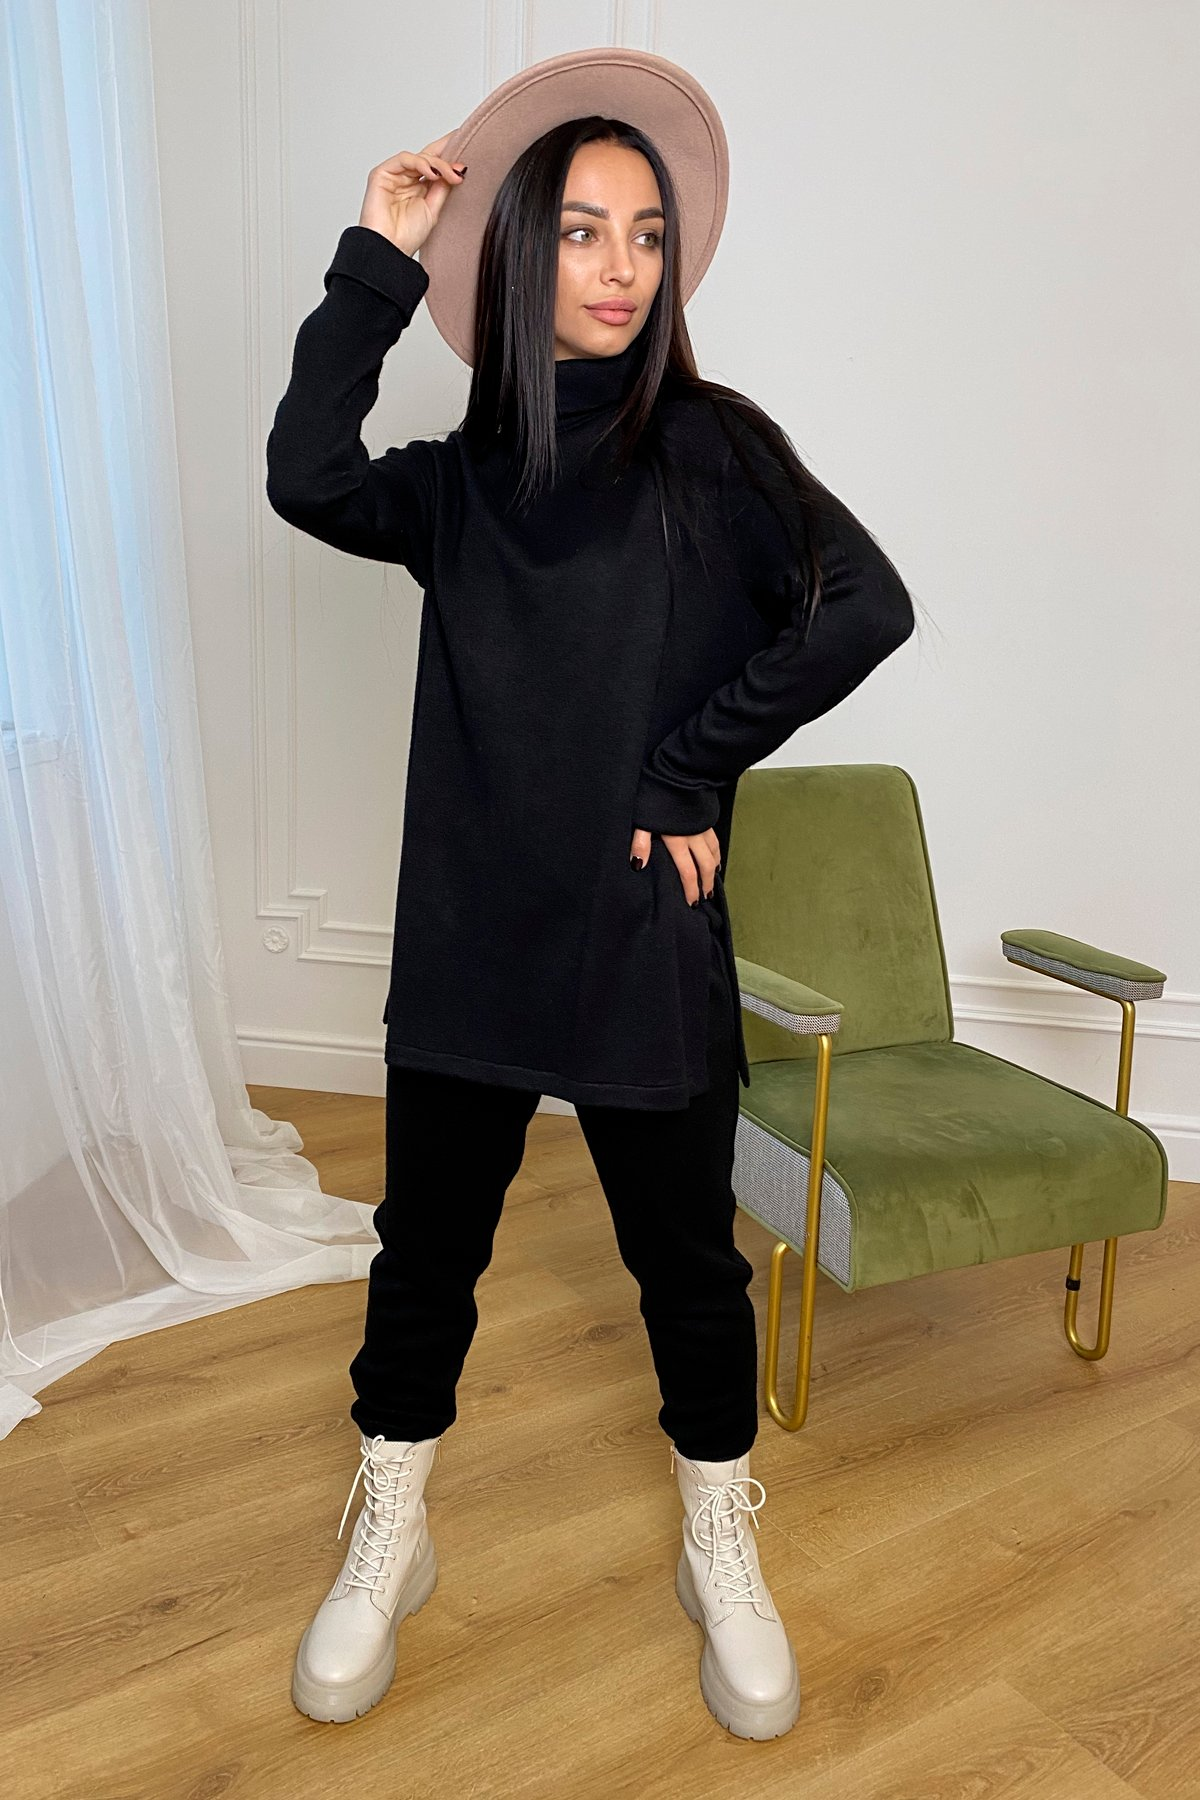 Люкс прогулочный костюм  из ангоры  9975 АРТ. 46312 Цвет: Черный - фото 4, интернет магазин tm-modus.ru